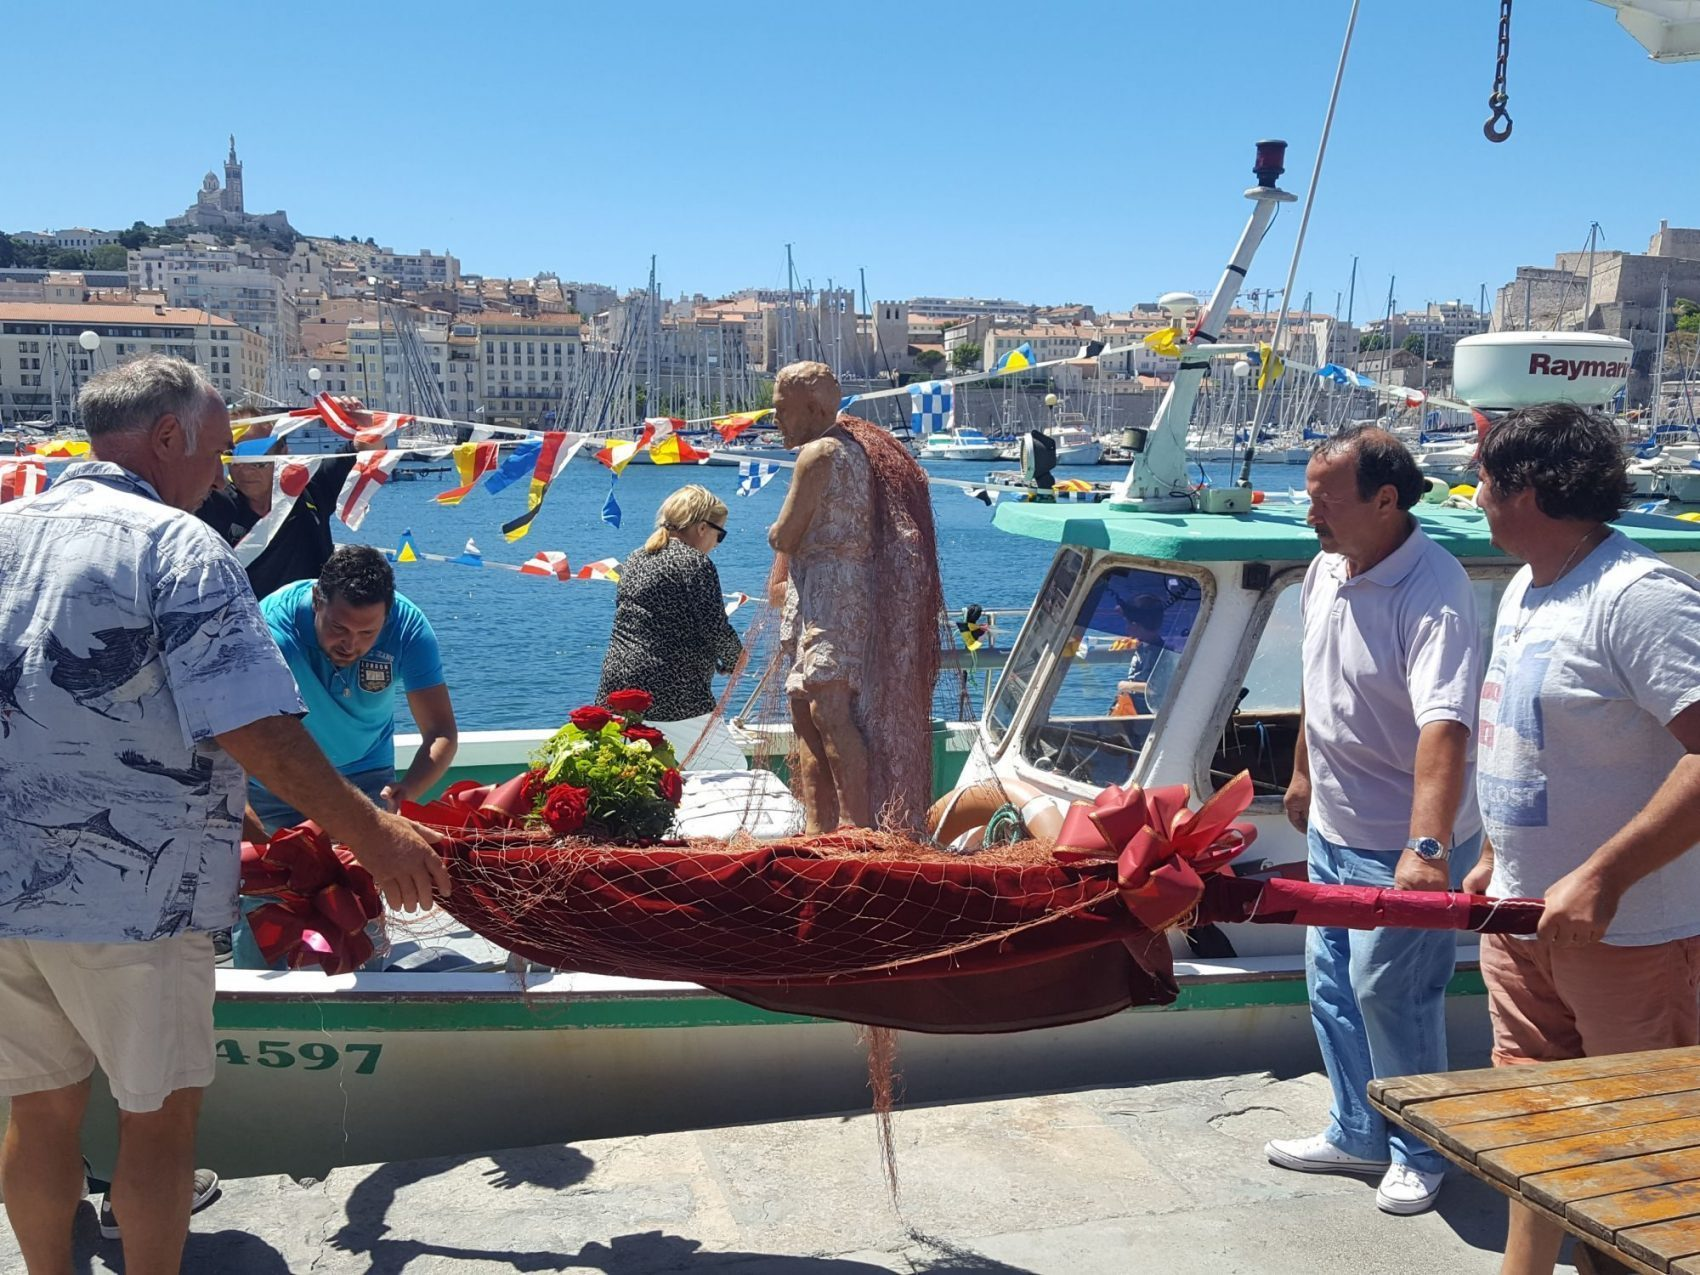 Concours de pêche Canotiers marseillais – Octobre 2012